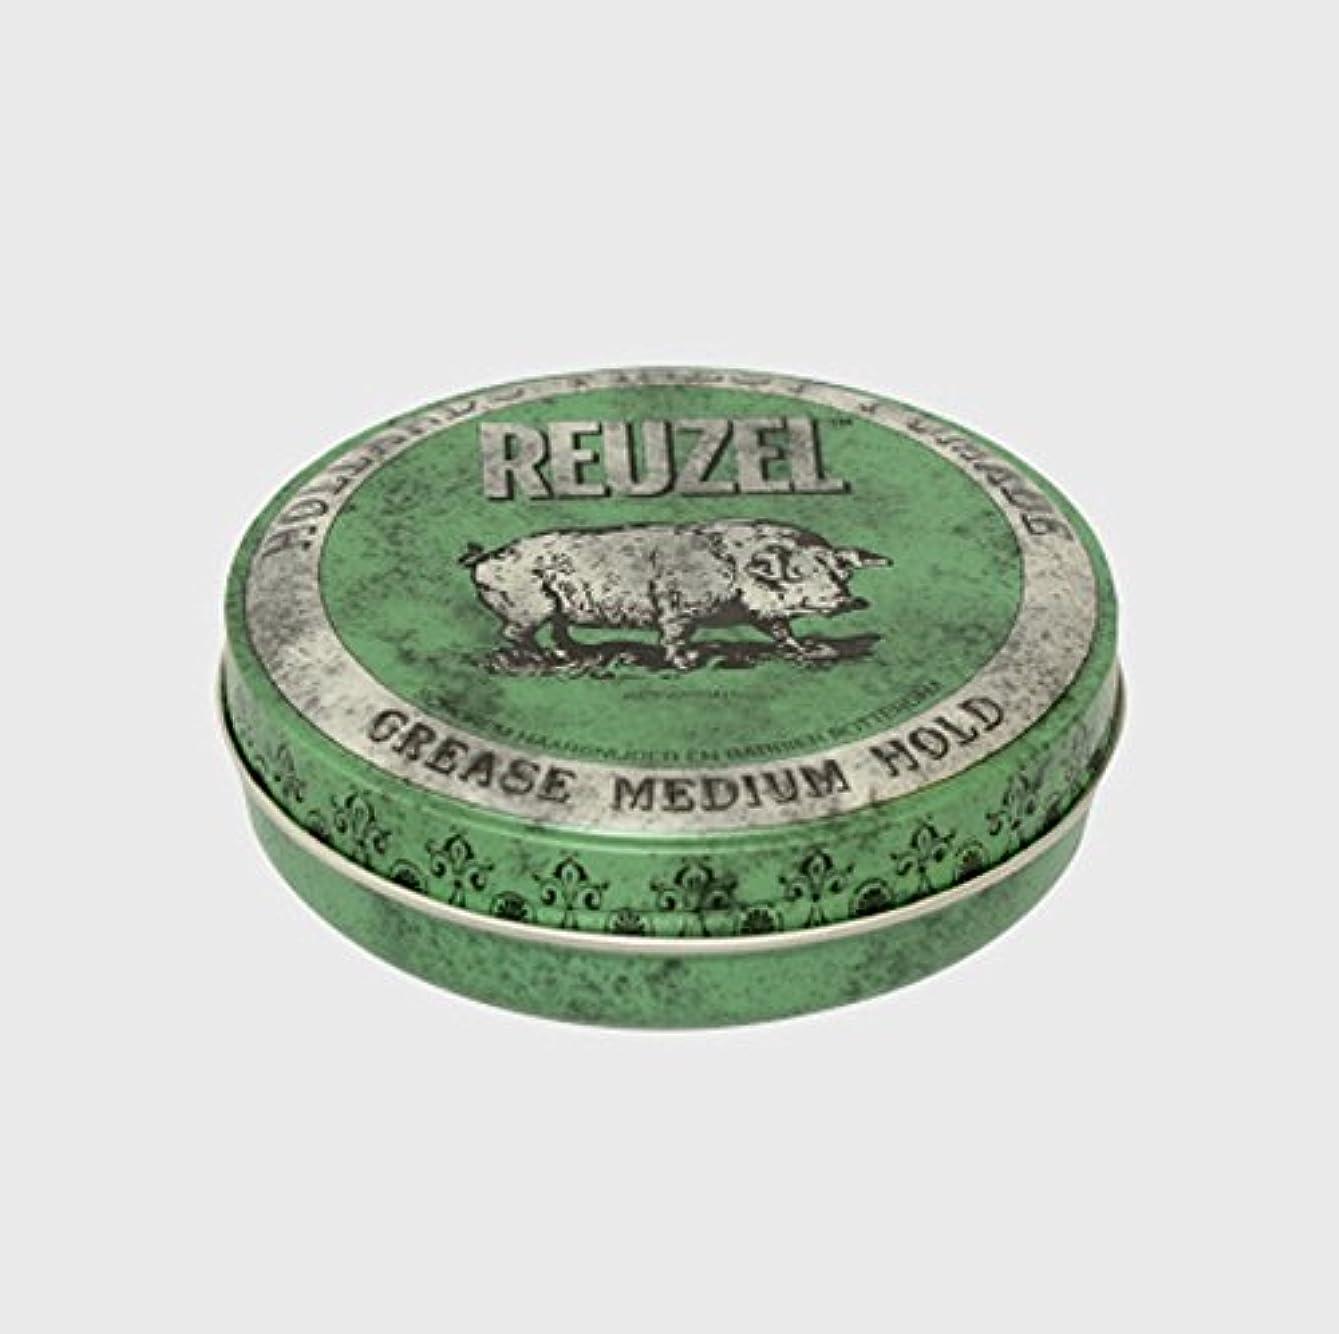 財政部屋を掃除する精神的にルーゾー ポマード ミディアムホールド グリーン Large(340g)